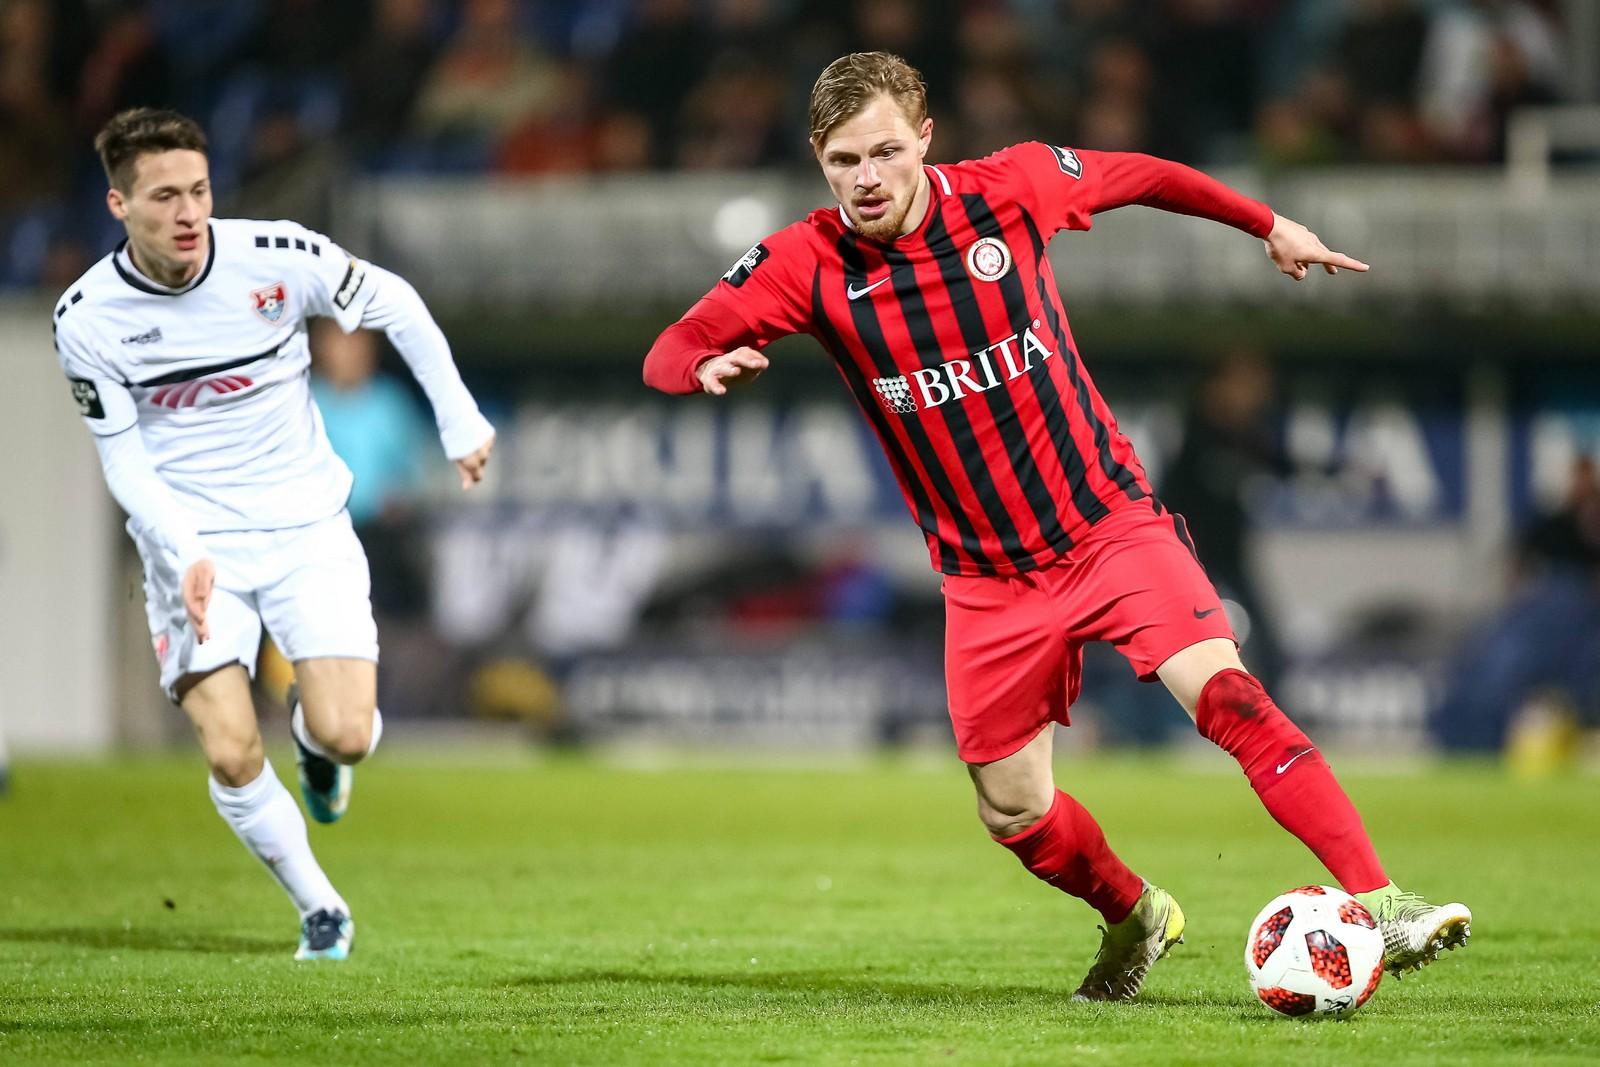 Gegen den KFC Uerdingen sah der Mittelfeldspieler seine fünfte gelbe Karte.